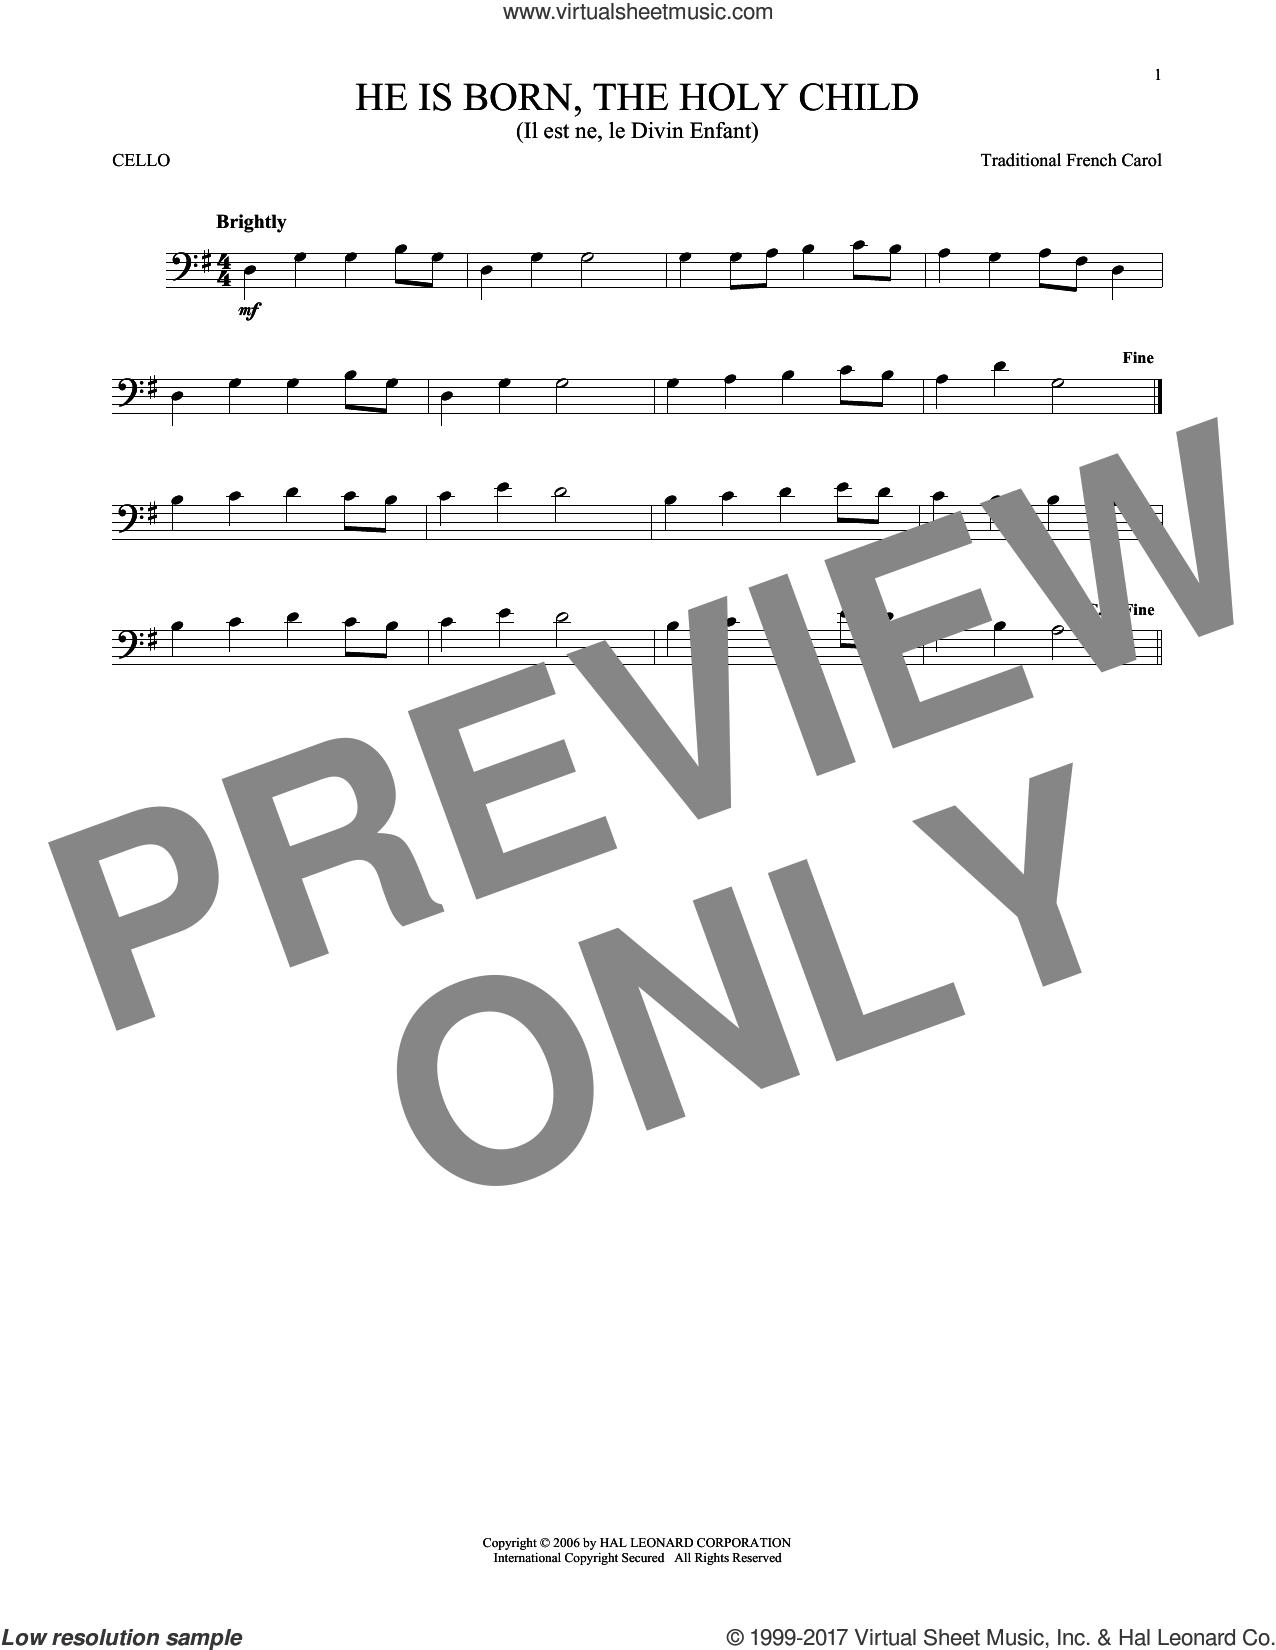 He Is Born, The Holy Child (Il Est Ne, Le Divin Enfant) sheet music for cello solo, intermediate skill level